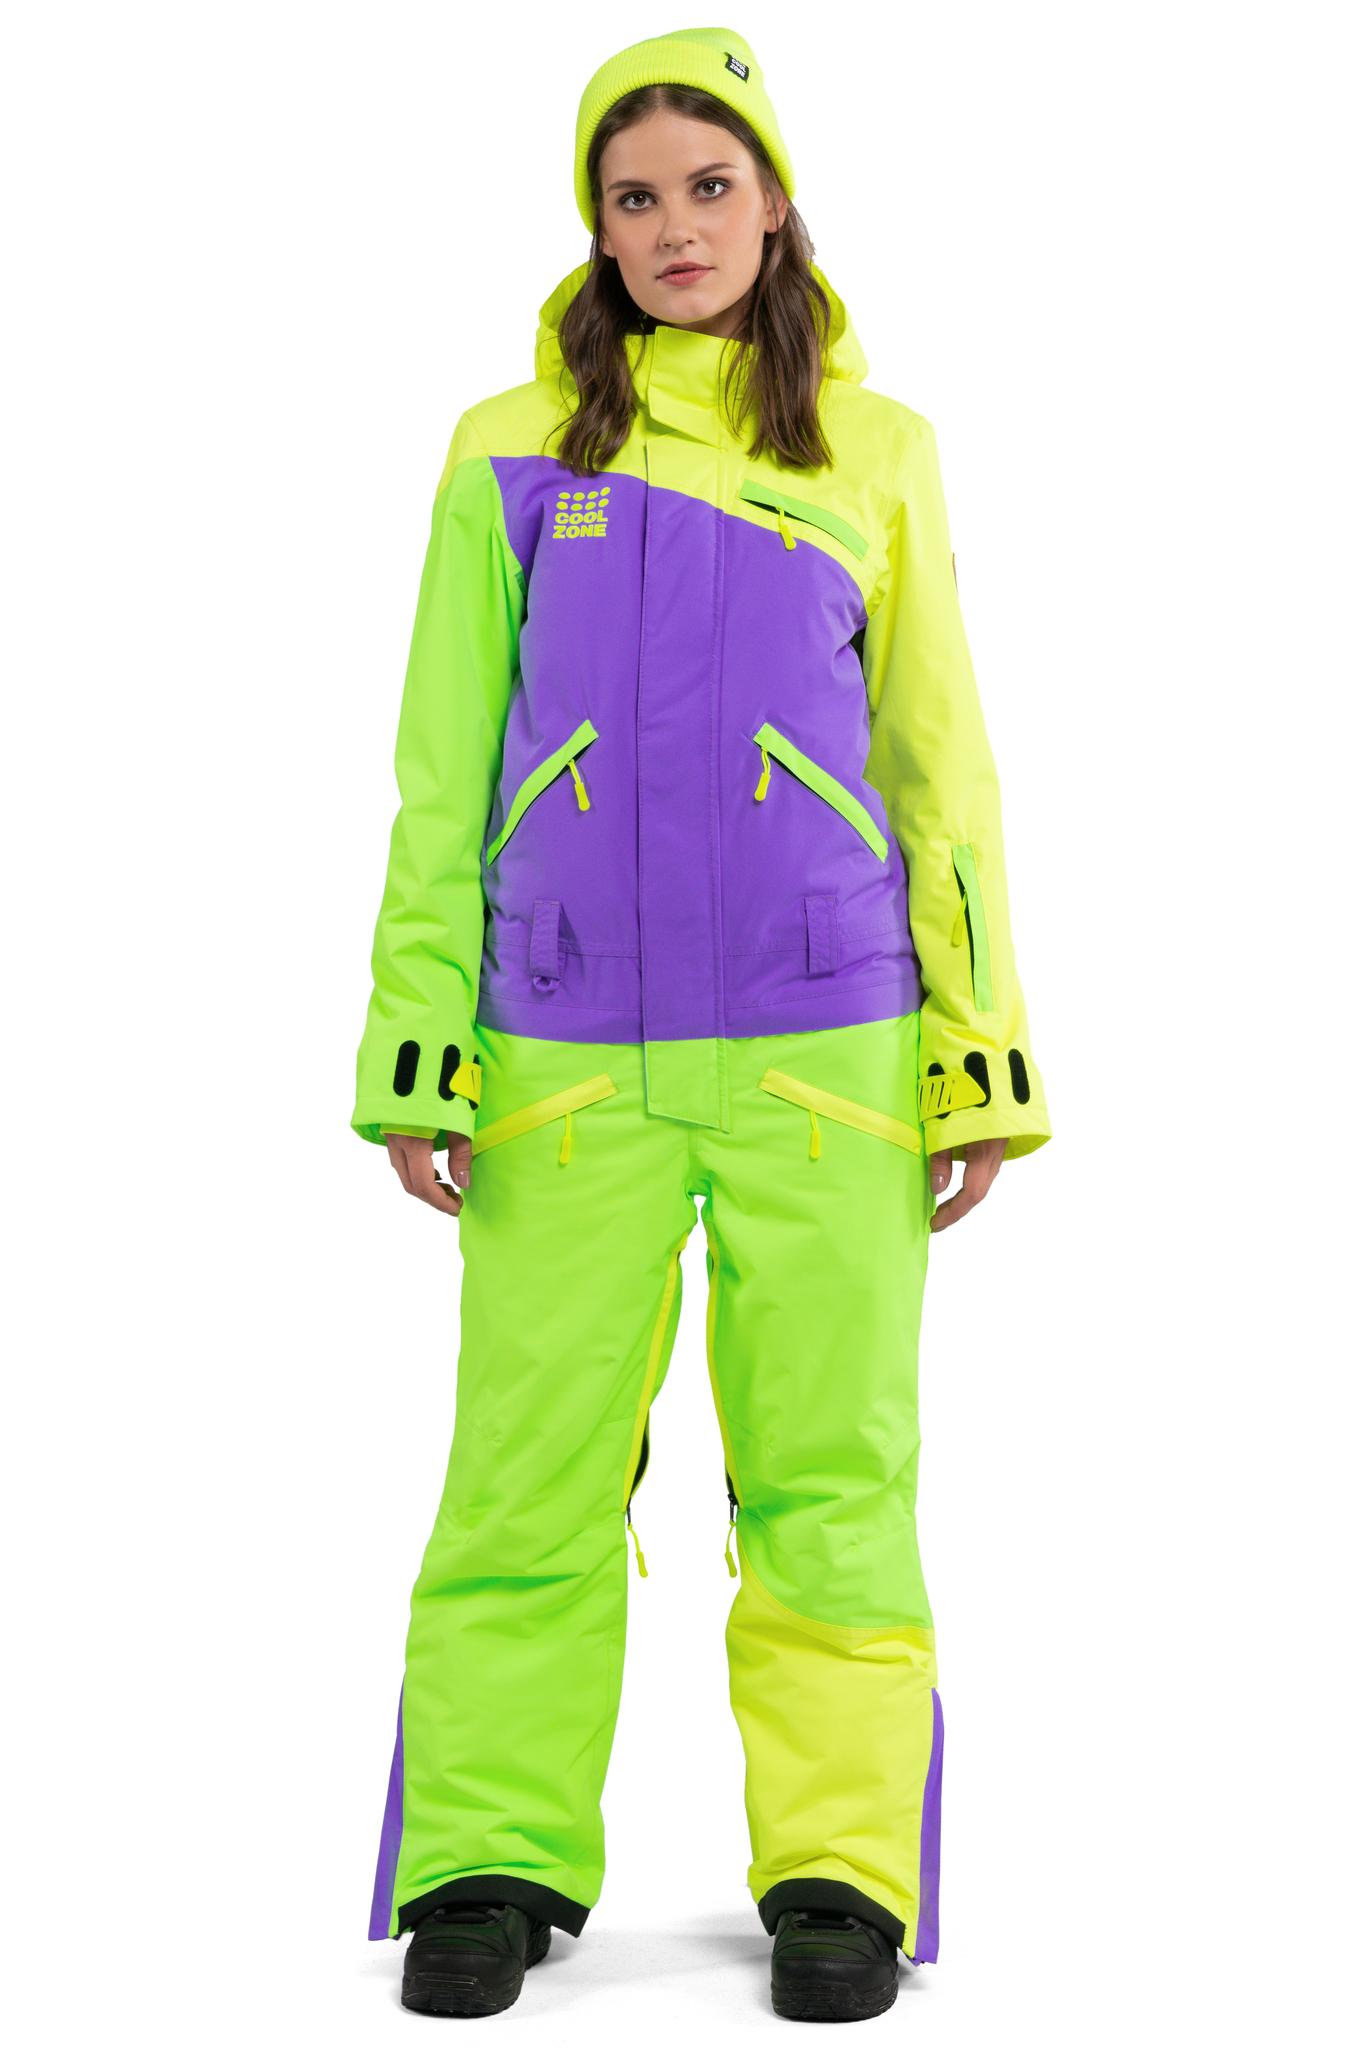 Женский комбинезон для сноуборда Cool Zone Mix KN1101 27 30 купить ... 58878fc8169